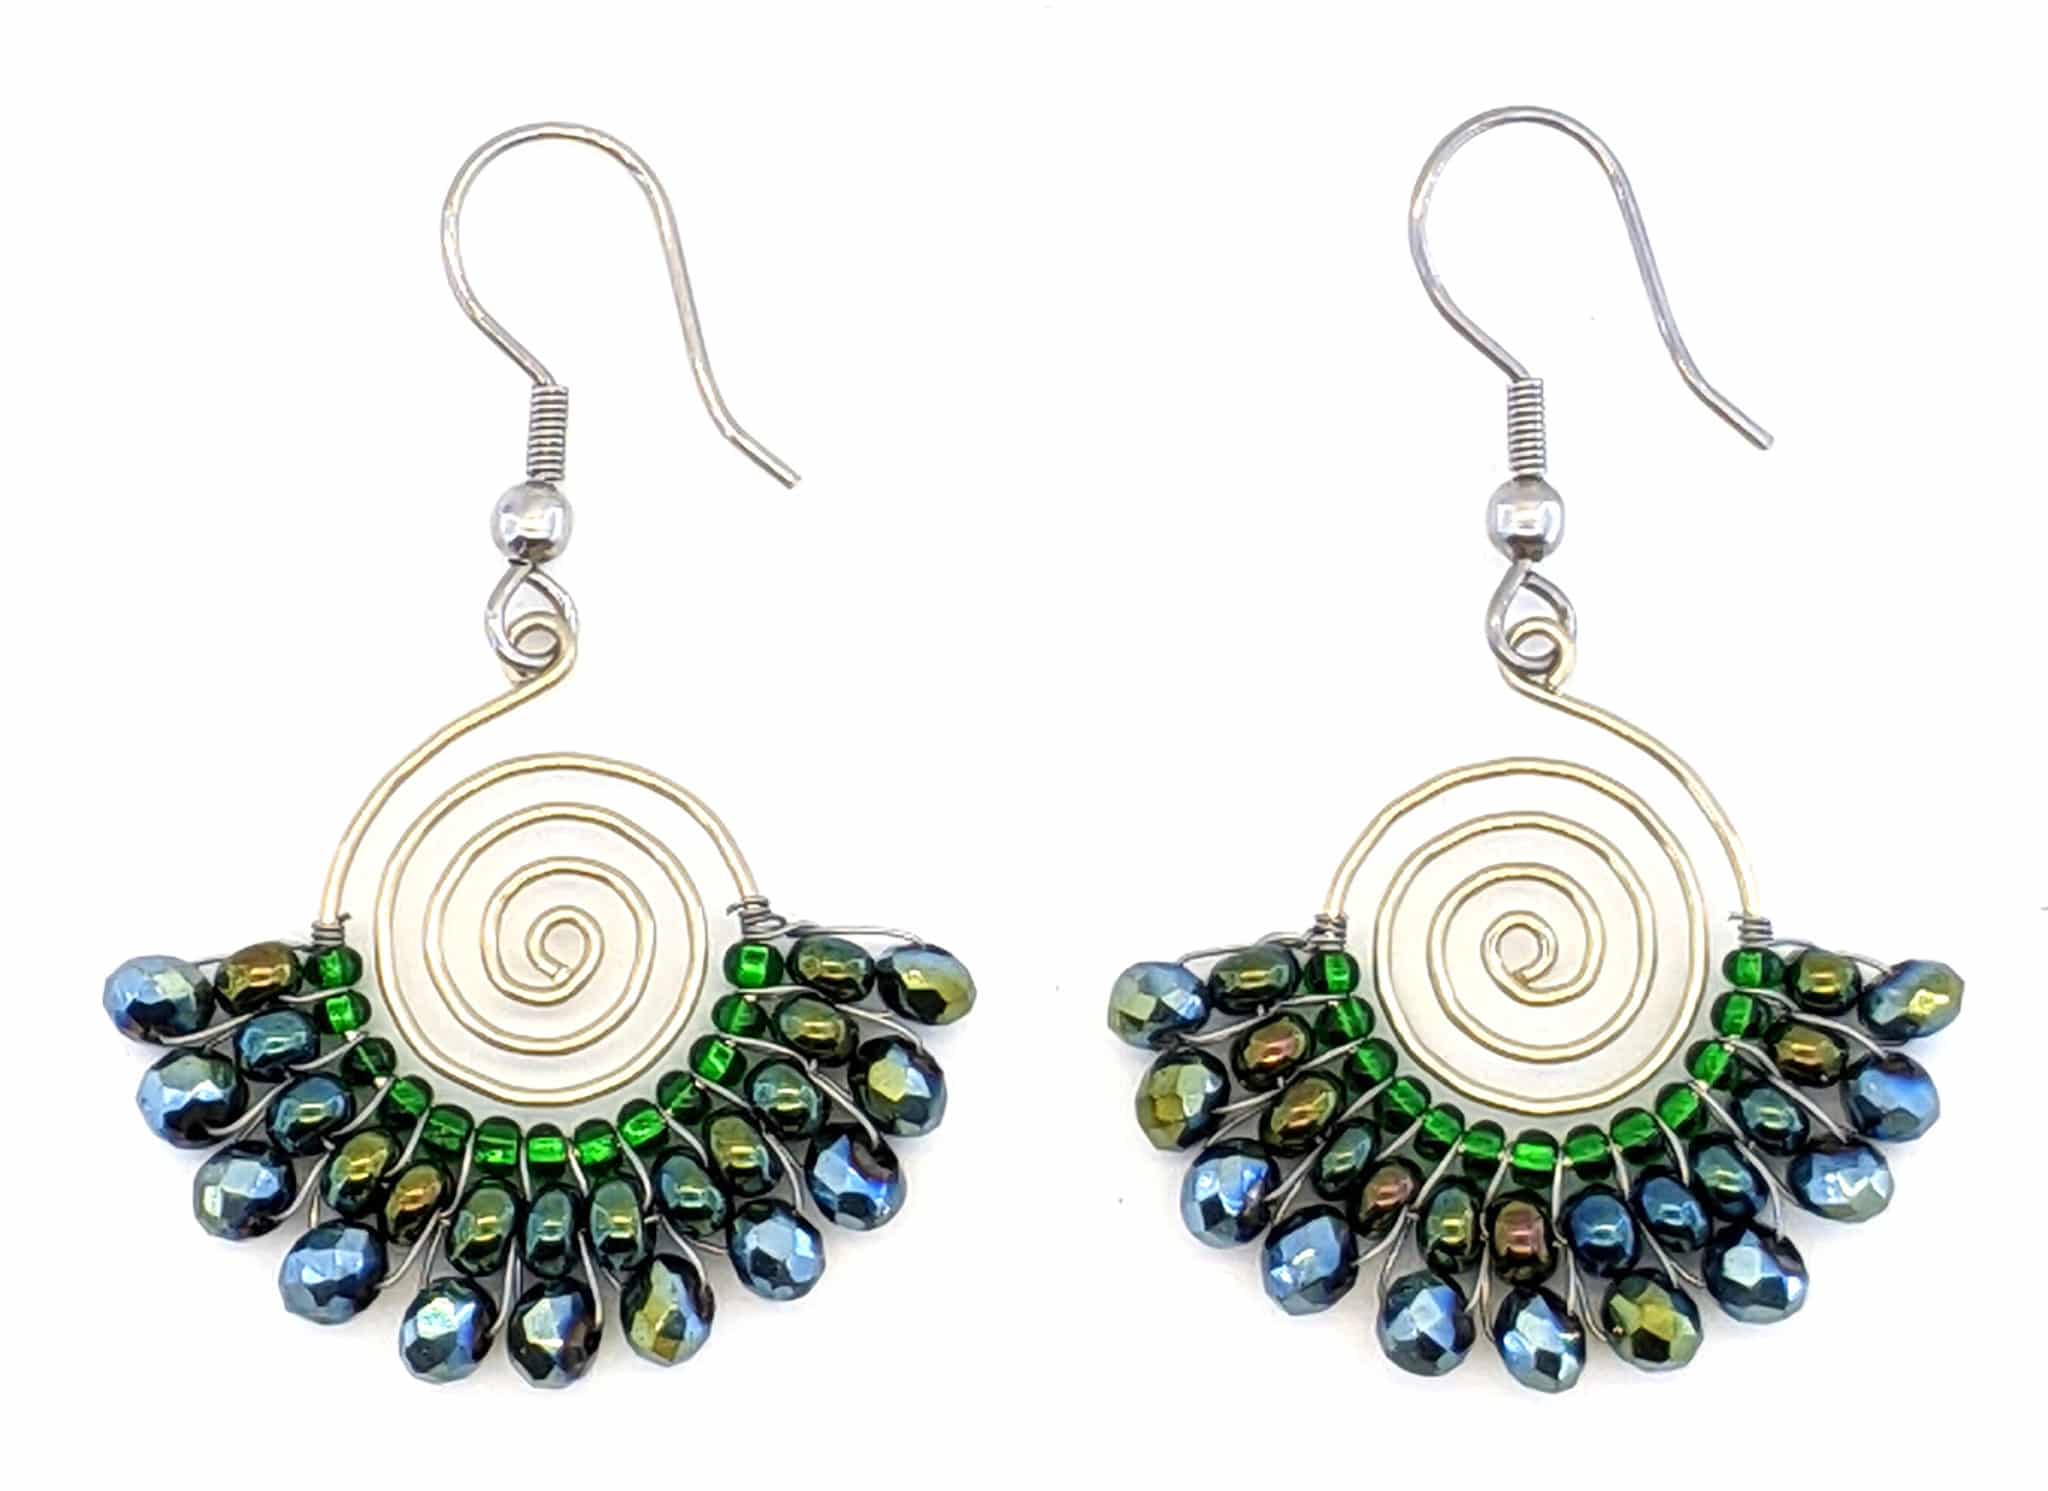 Spiral Skirt Beaded Earrings - Greens